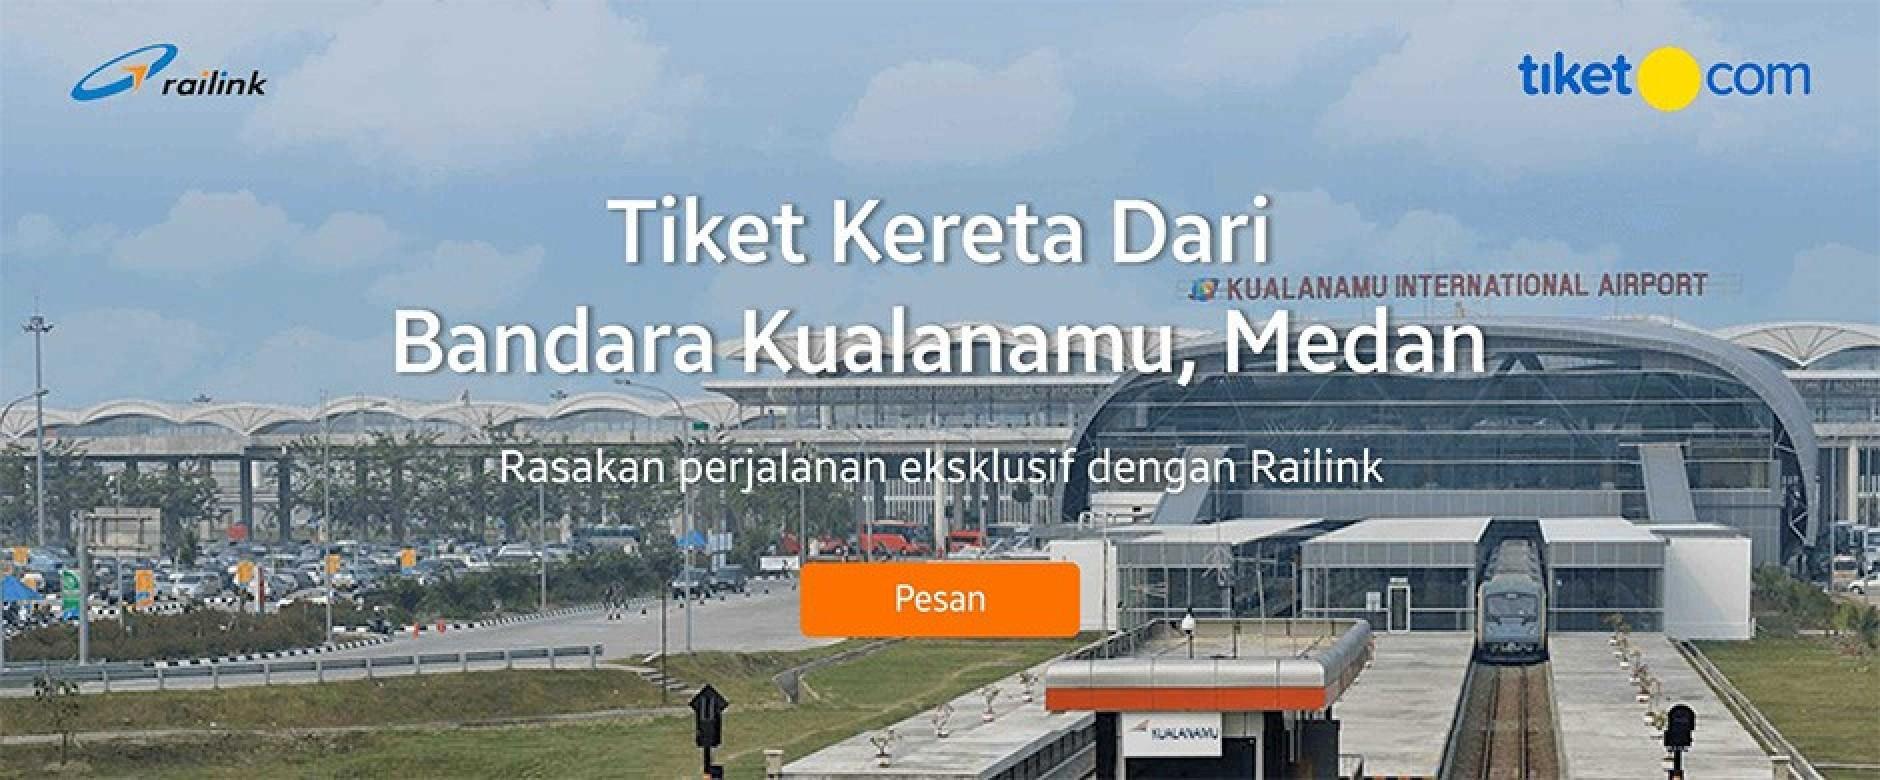 RAILINK - Tiket Kereta Bandara Kualanamu